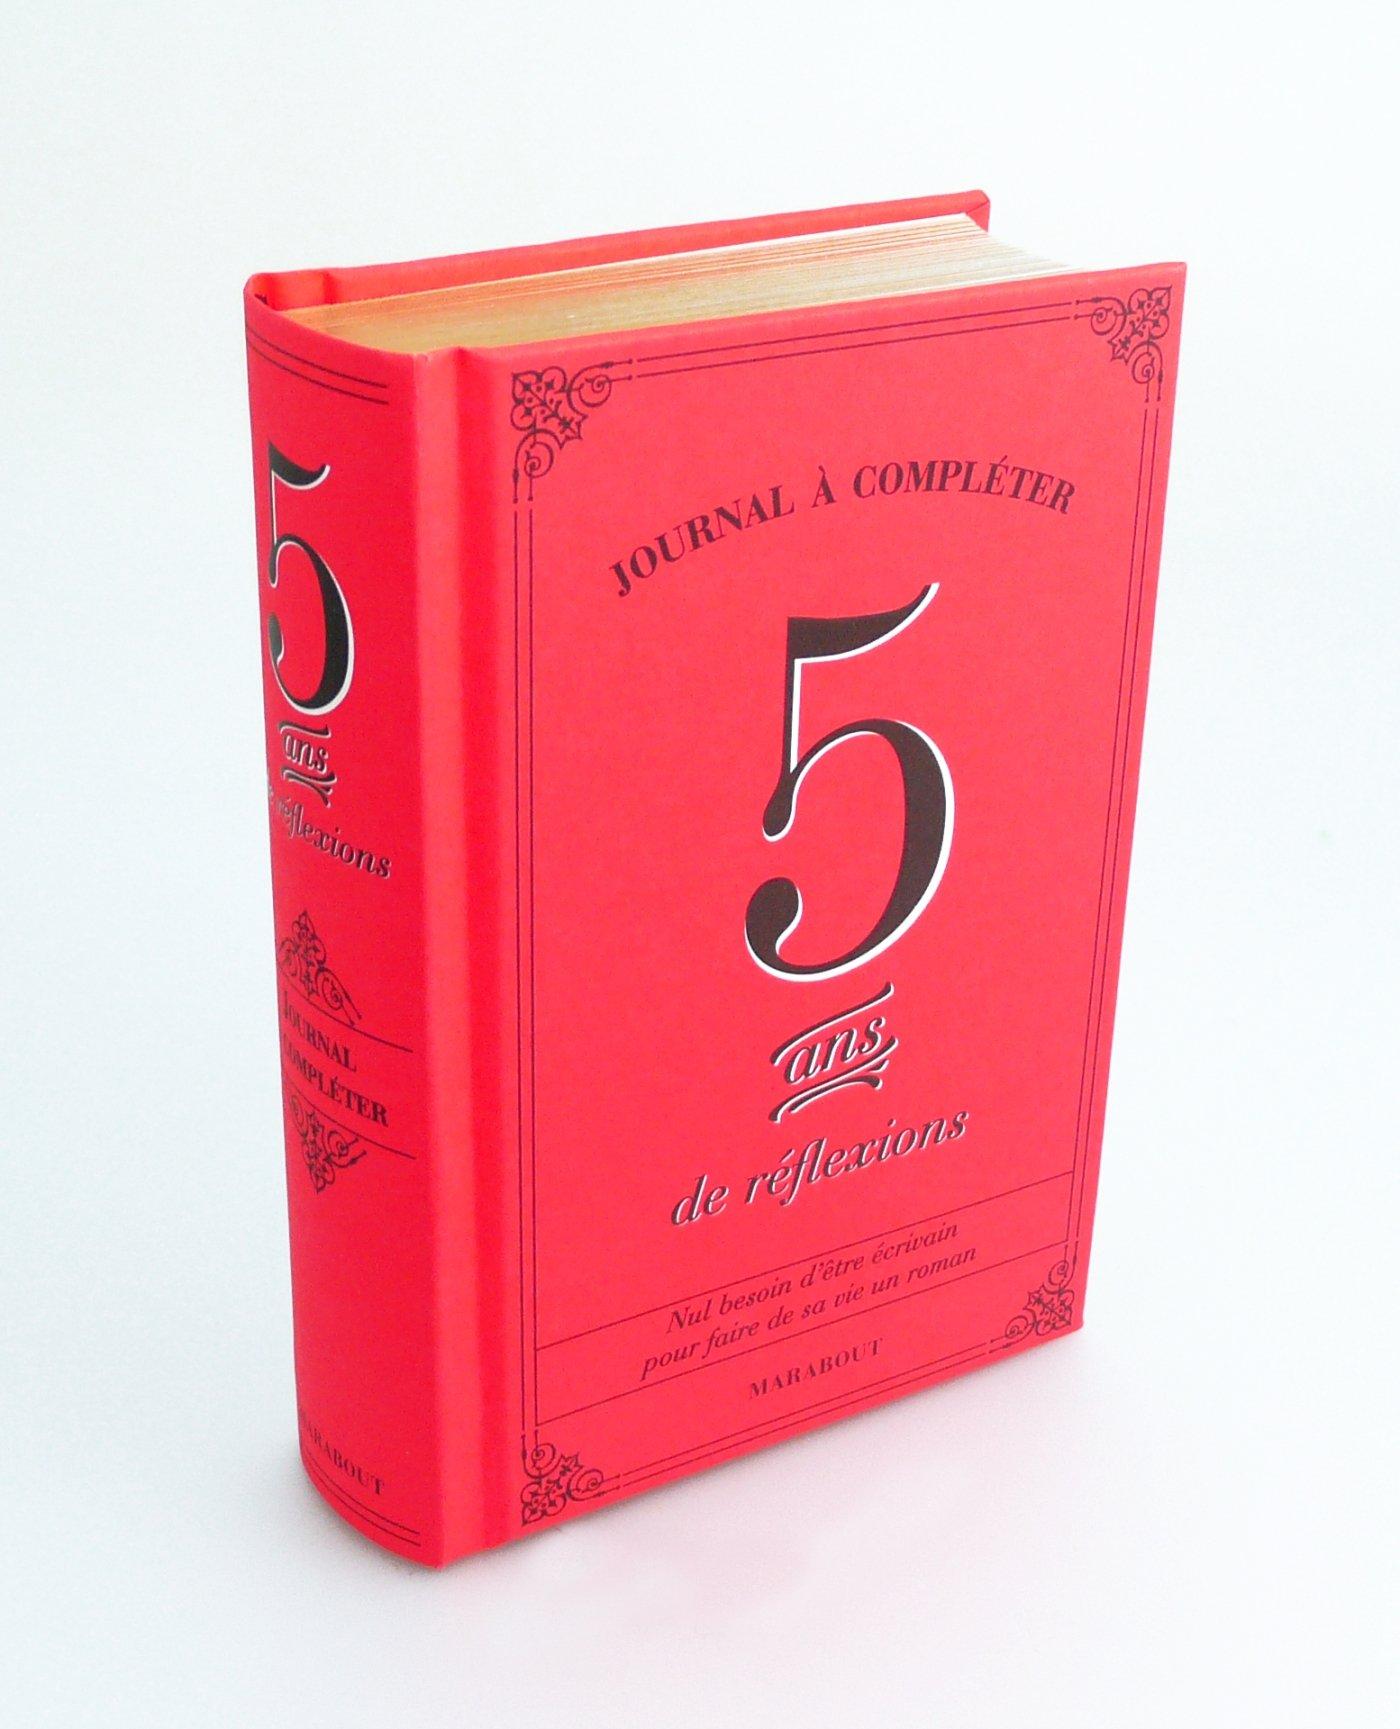 Cherche Un Titre De Livre Trouve 5 Ans De Reflexion